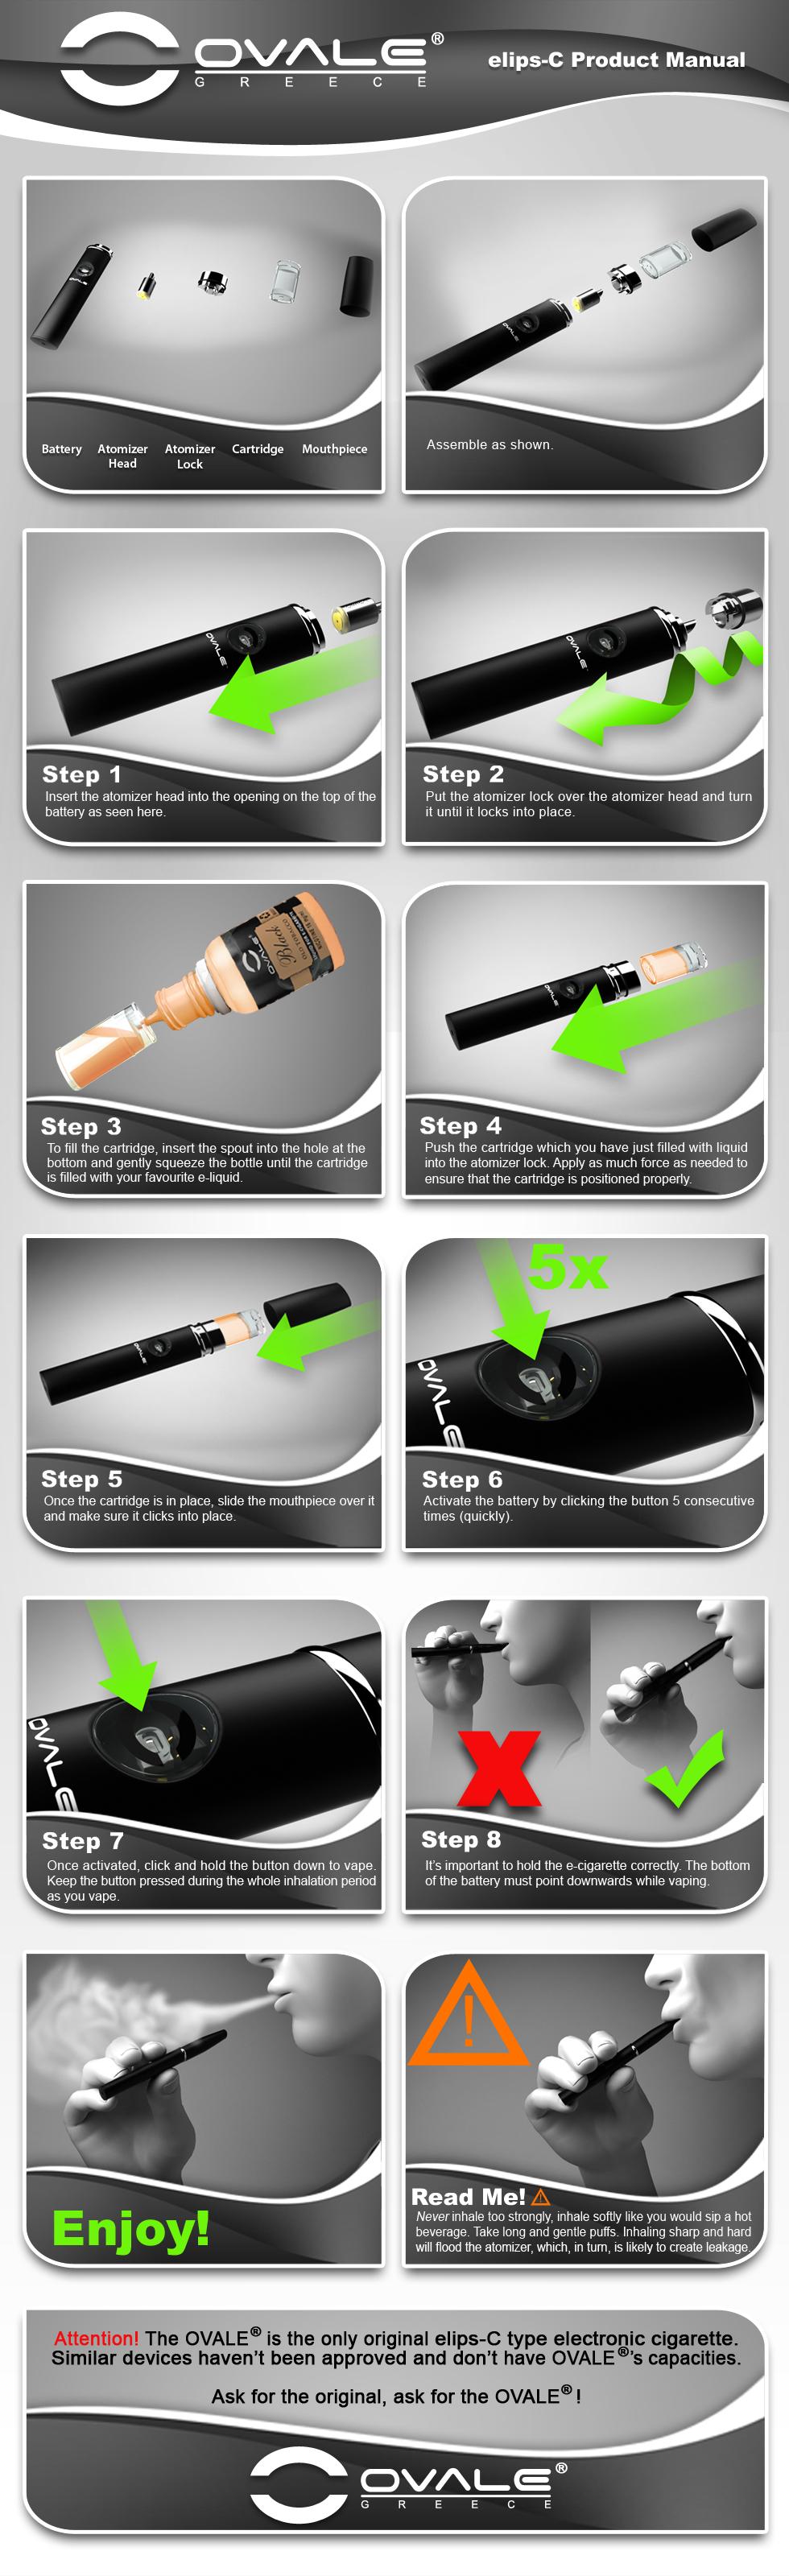 ηλεκτρονικό τσιγάρο, υγρό αναπλήρωσης ηλεκτρονικού τσιγάρου, κόψιμο καπνίσματος, ovale, joyetech, elips